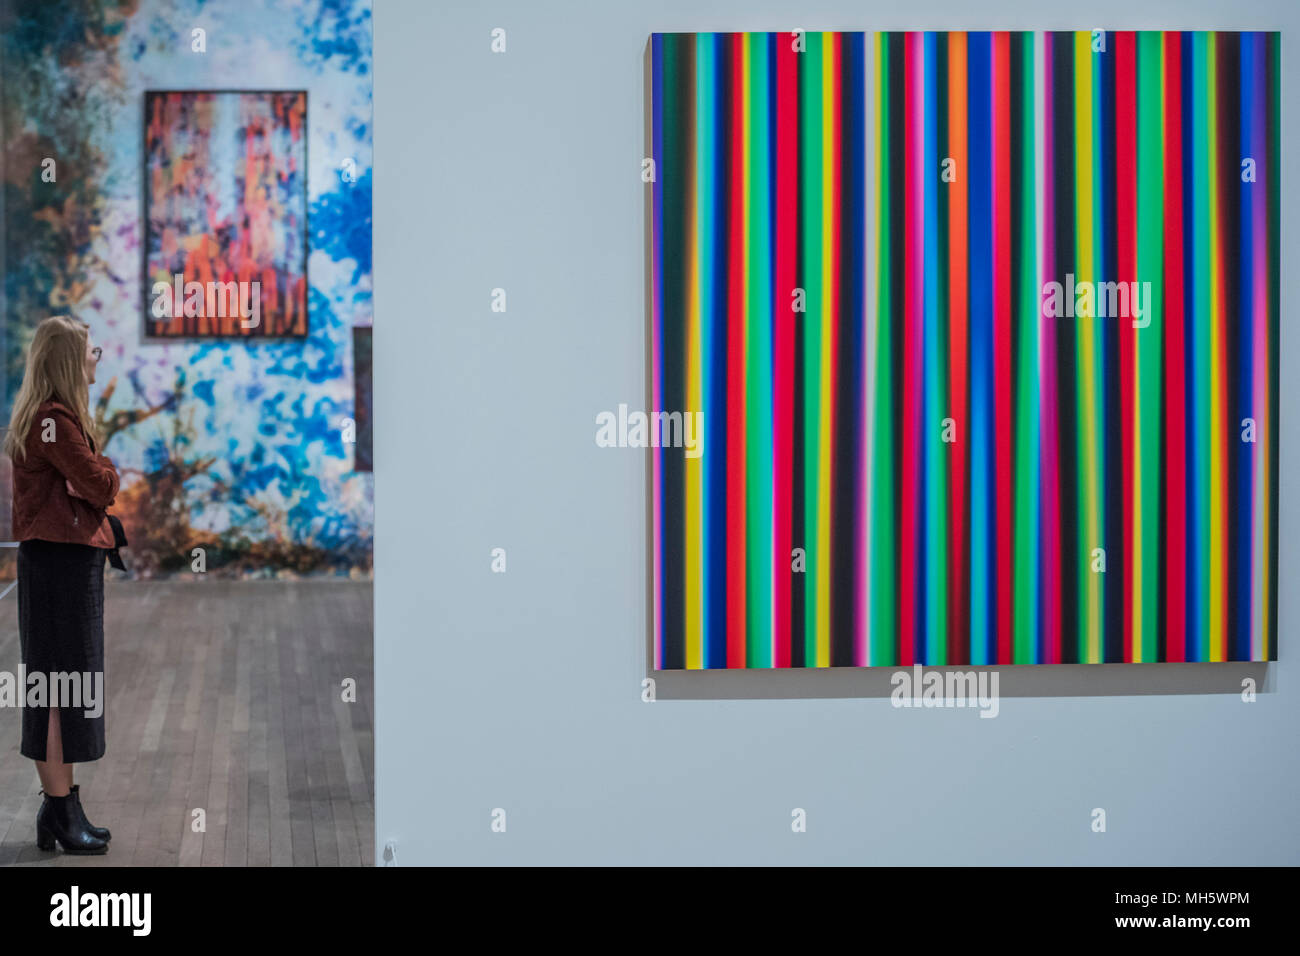 100 Jahre Fotografie Und Abstrakte Kunst Stockfotos Und Bilder Kaufen Alamy